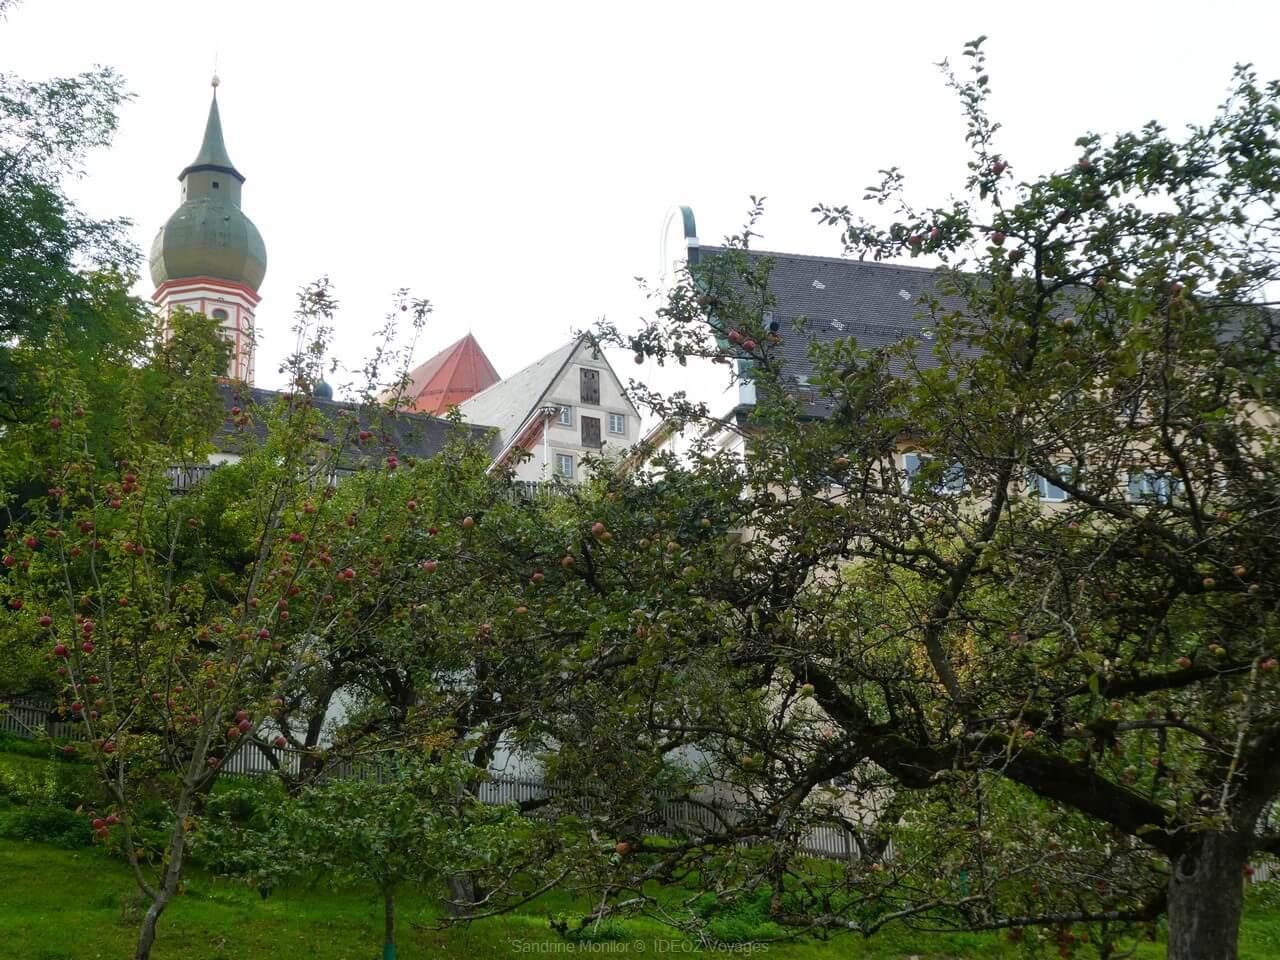 vergers de l'abbaye d'andechs